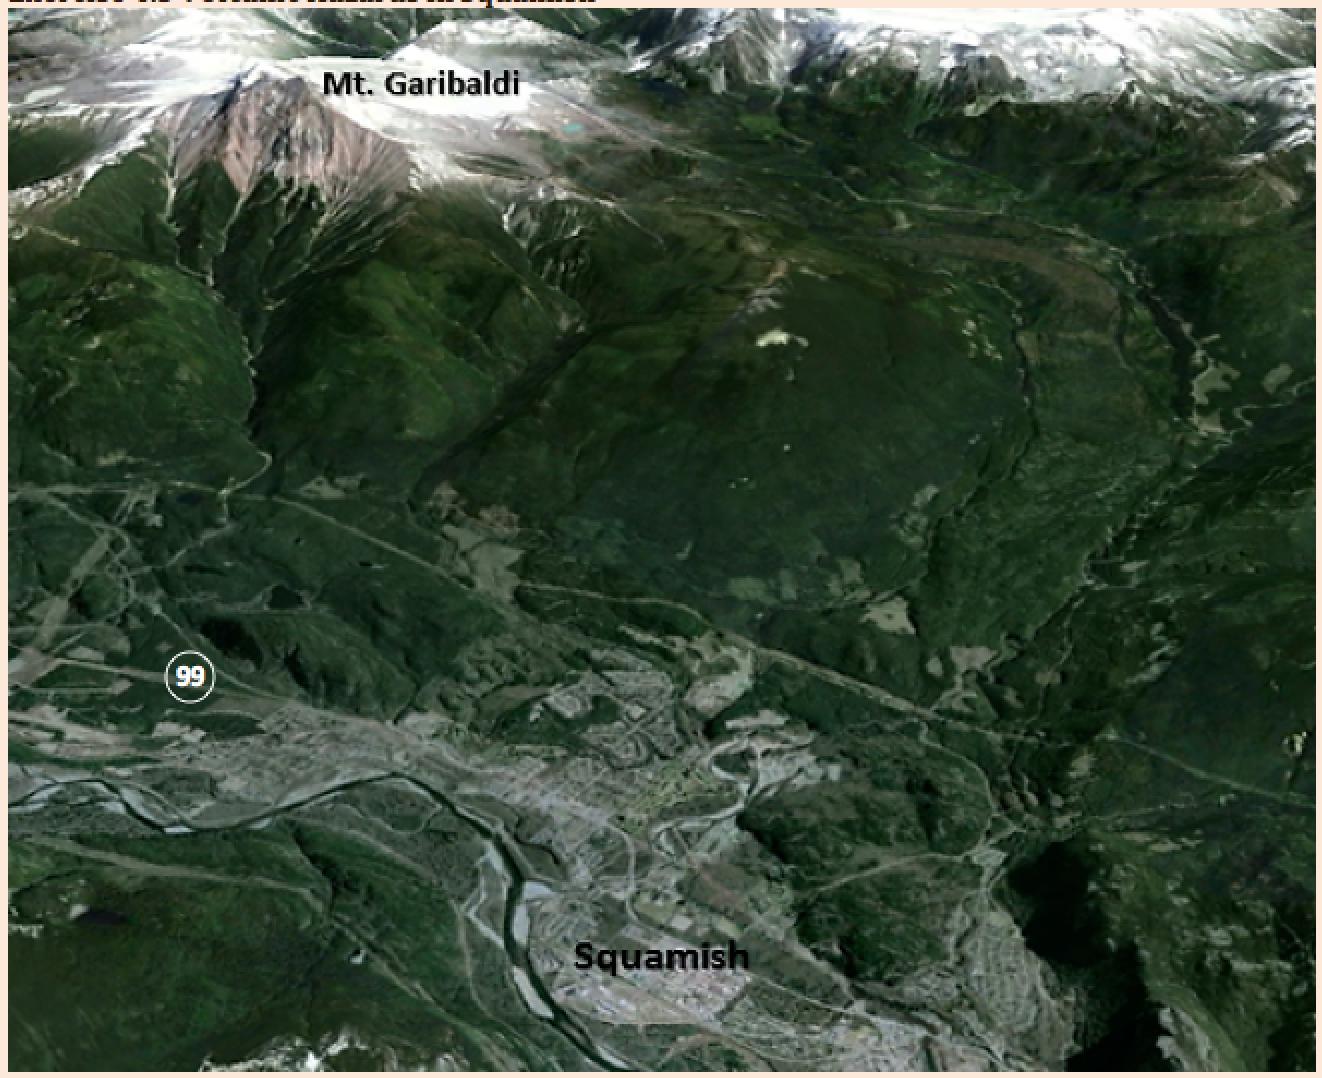 Mapa que muestra la ubicación de la ciudad de Squamish.